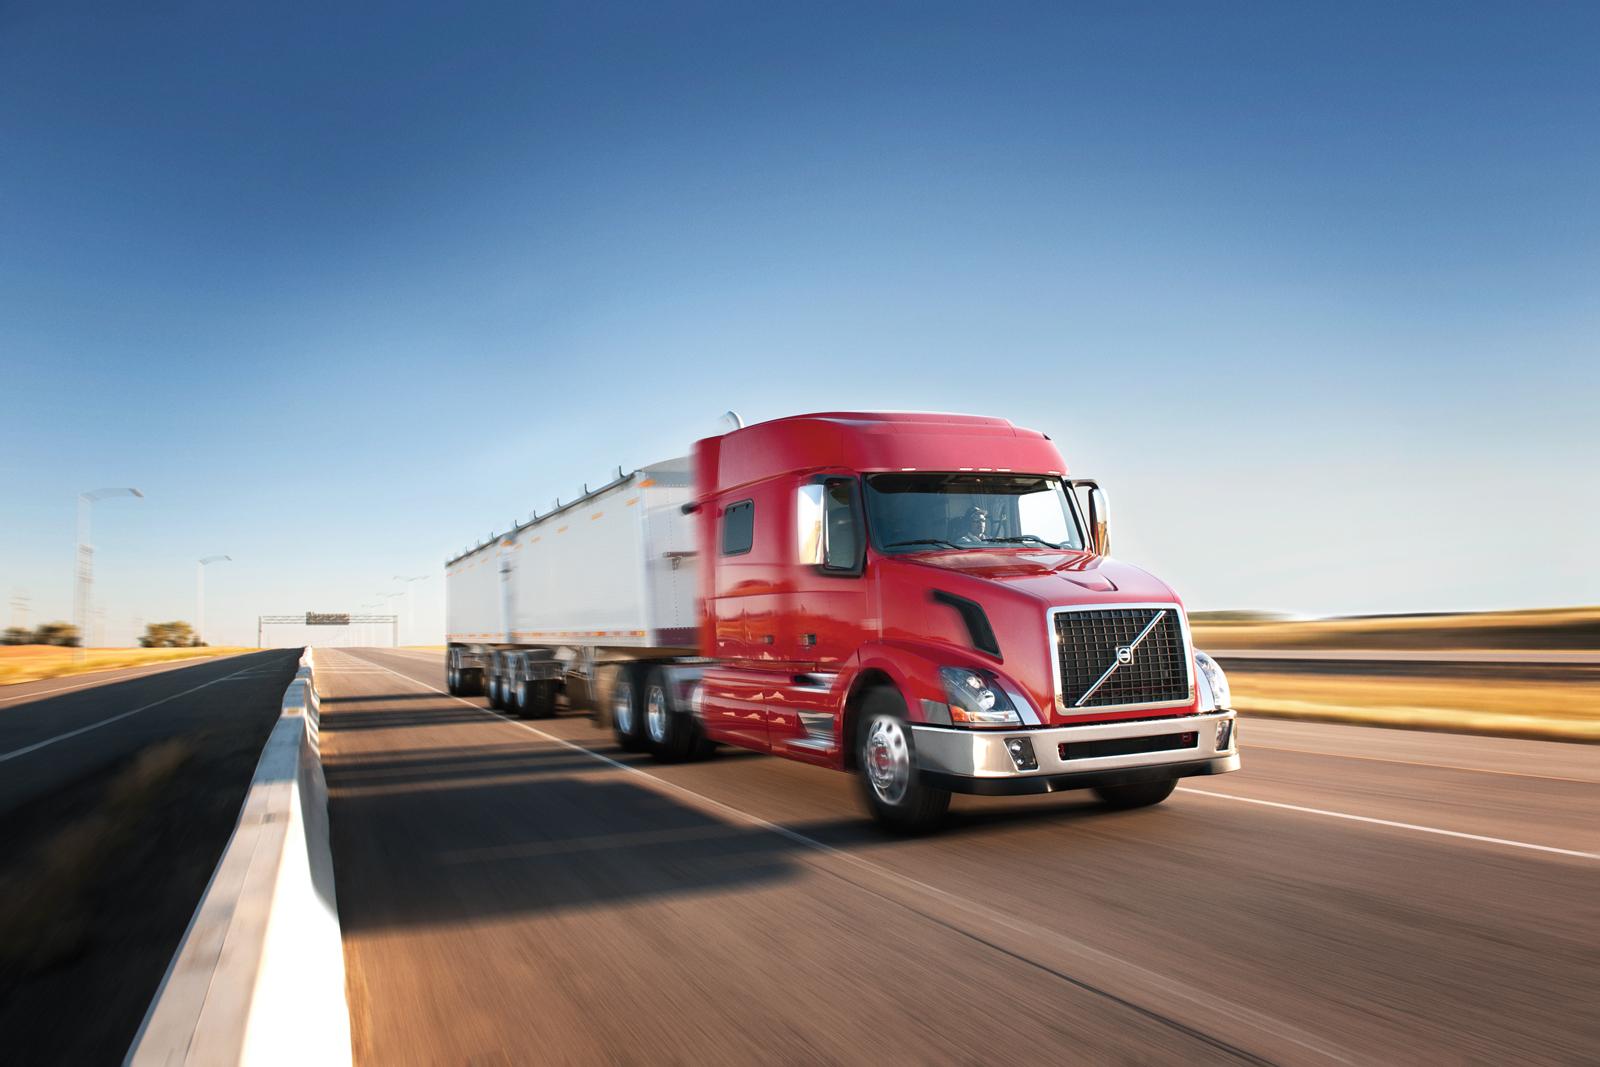 Wheeling Truck Center - Volvo Truck - Truck Sales, Parts, Service - Wheeling Truck Center